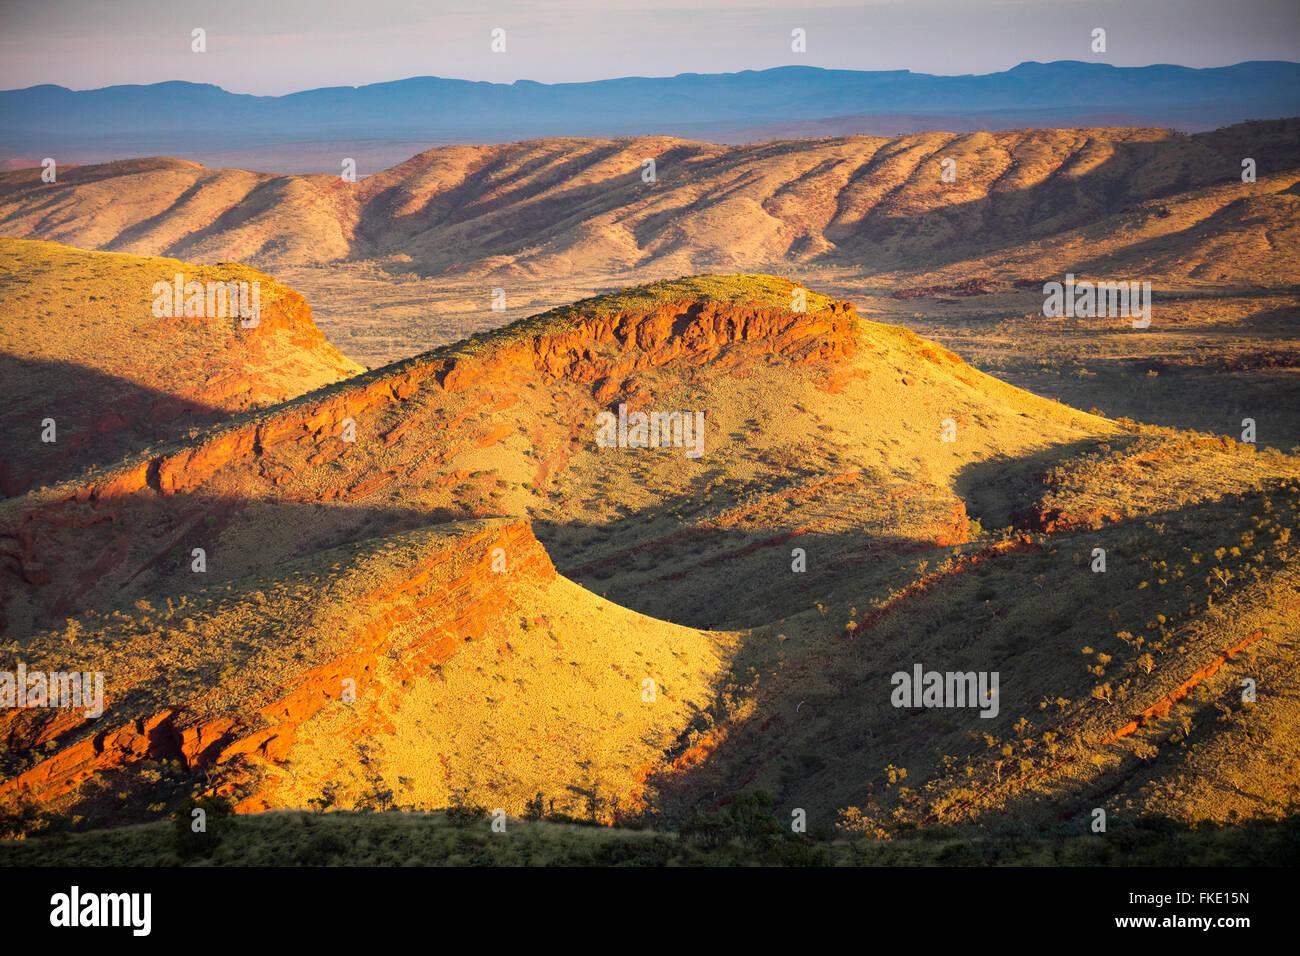 der Pilbara-Region in der Nähe von Tom Price vom namenlosen Berg, Western Australia Stockbild